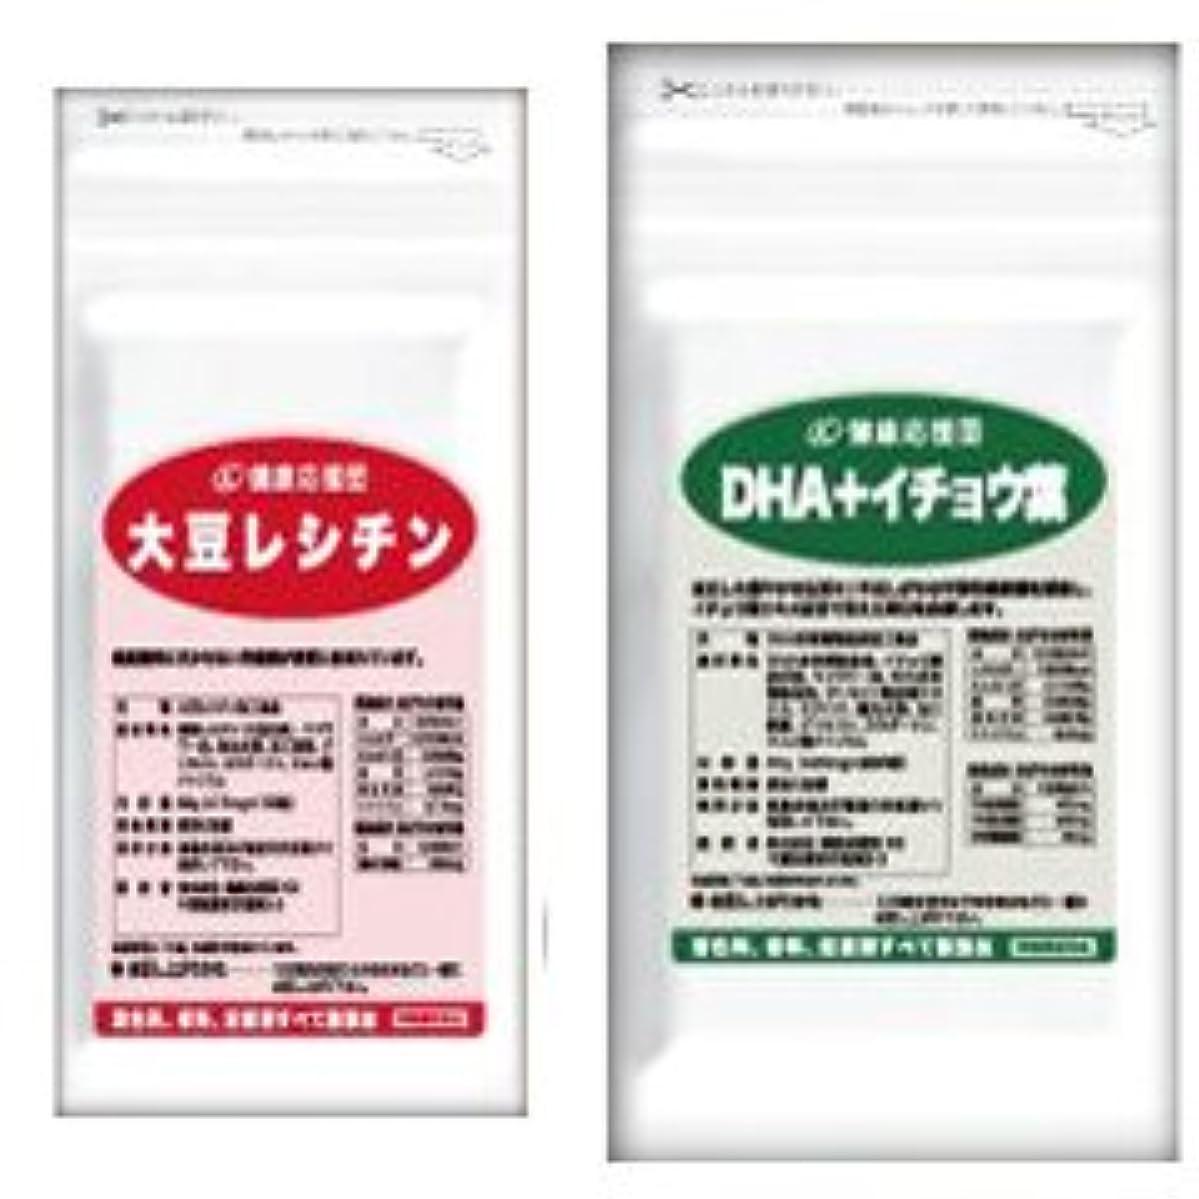 ページェント帝国バナナ流れサラサラセット 大豆レシチン+(DHA?EPA+イチョウ葉) お徳用12か月分